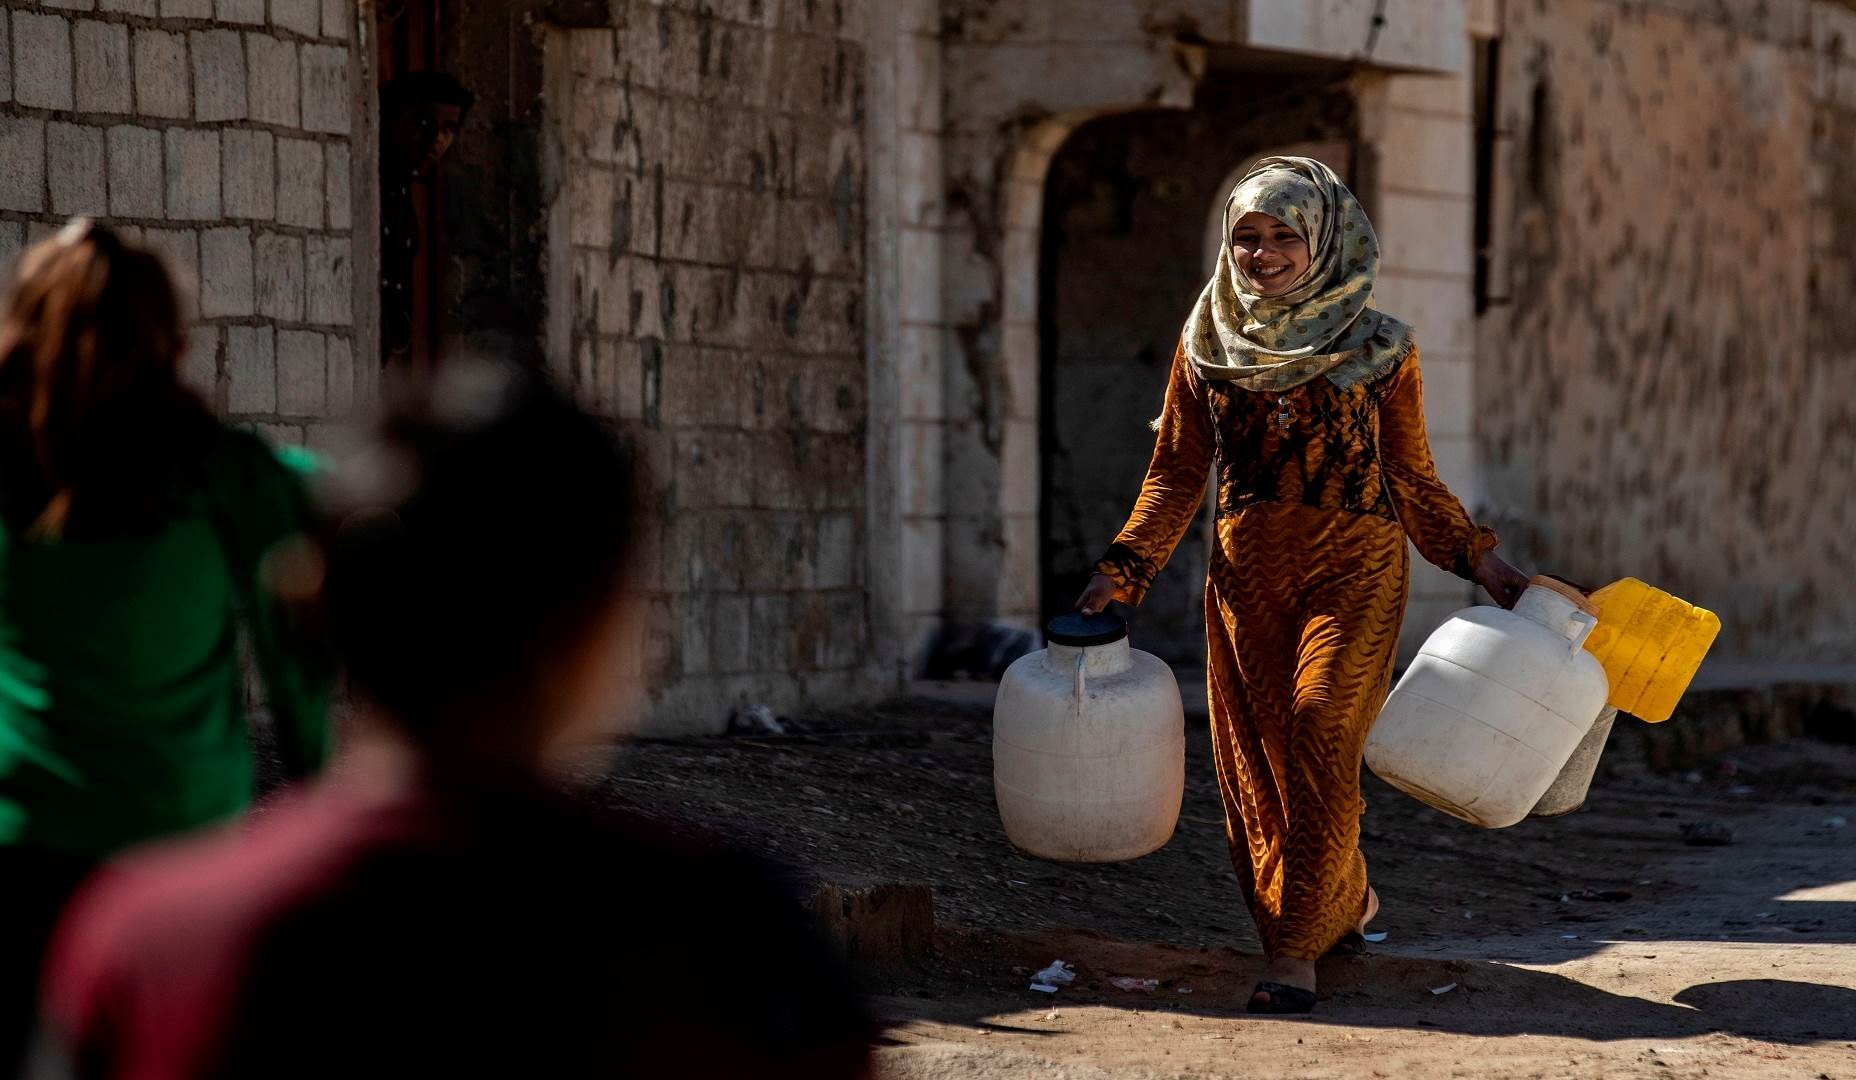 الجيش التركي يحرم مليون مواطن من المياه في الحسكة.. مجدداً